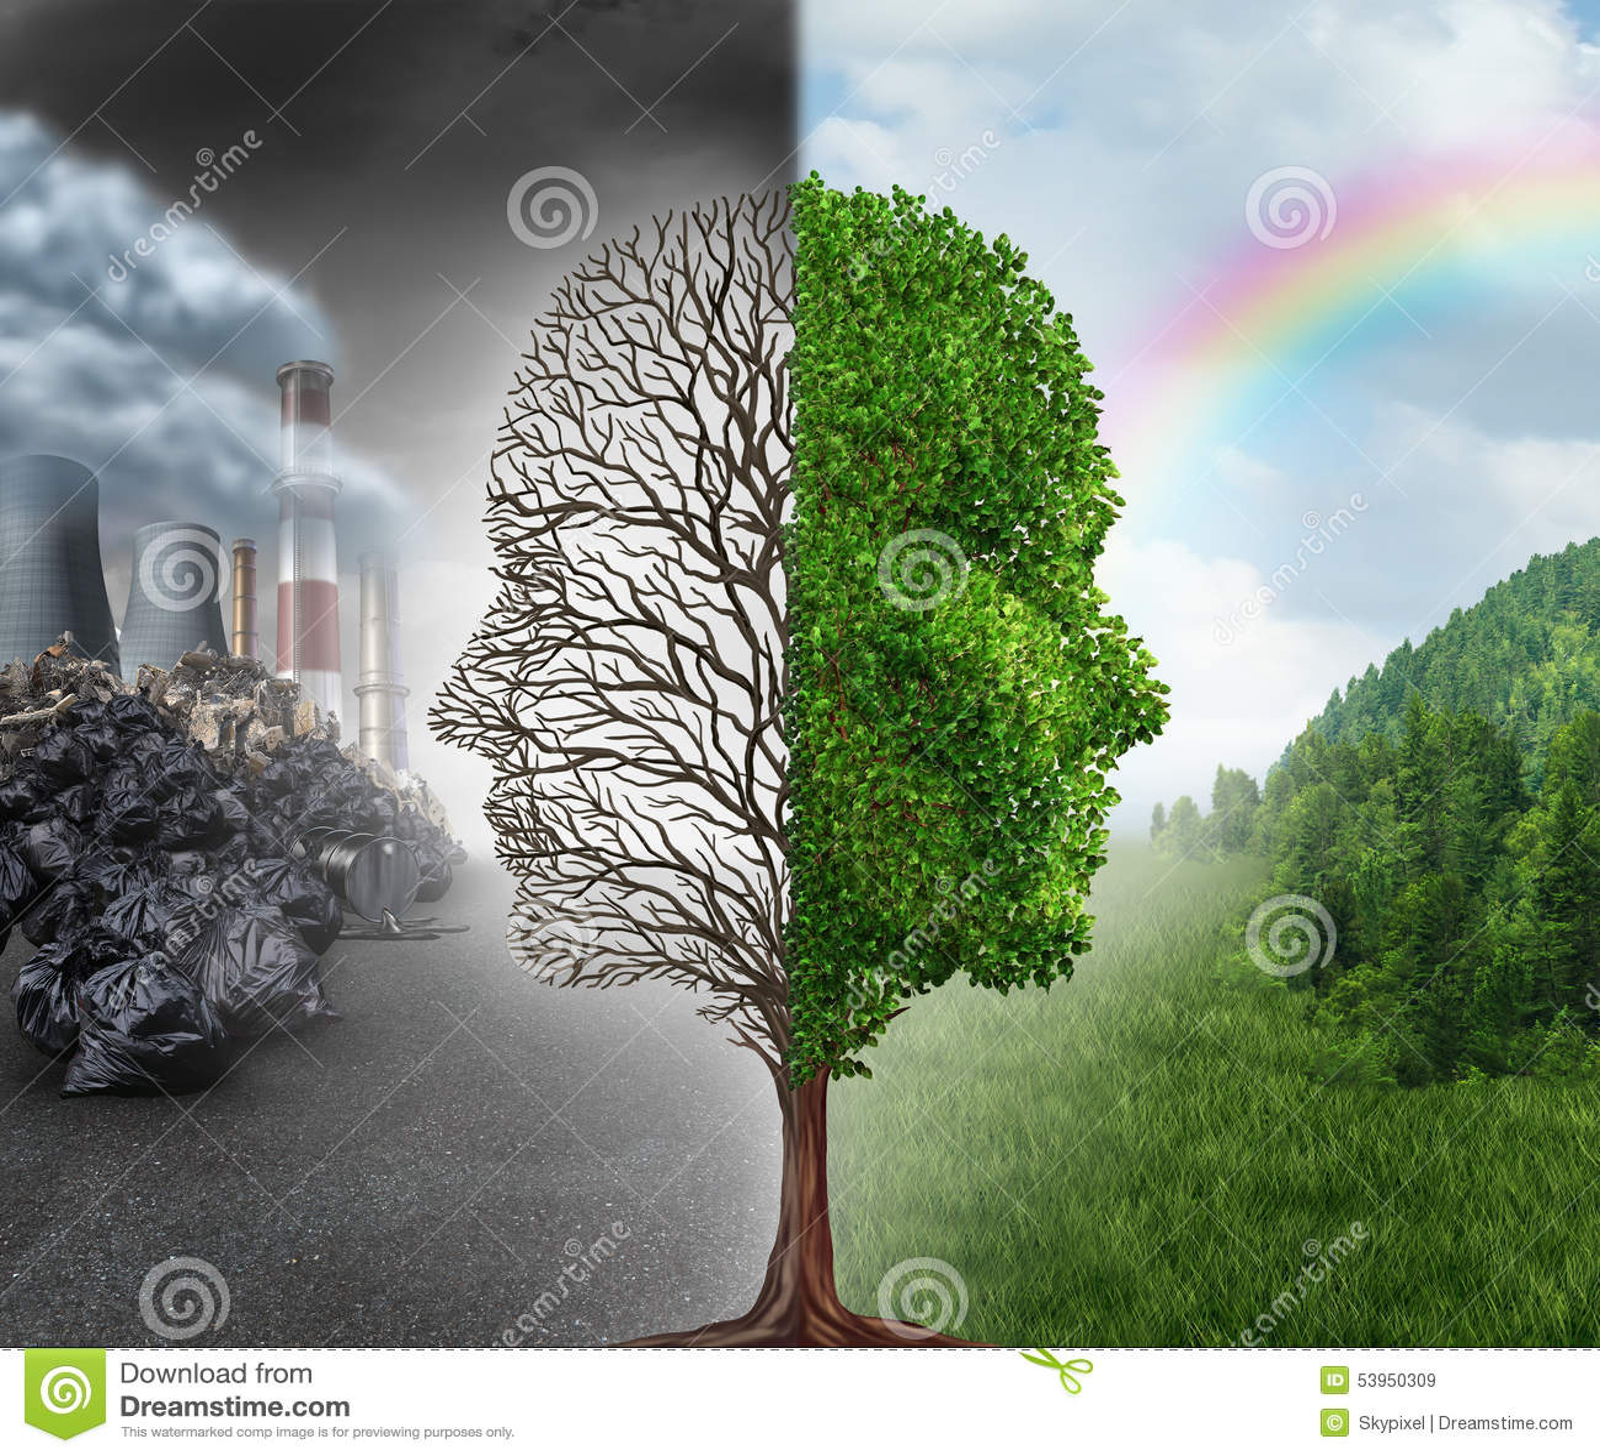 Cambio del ambiente